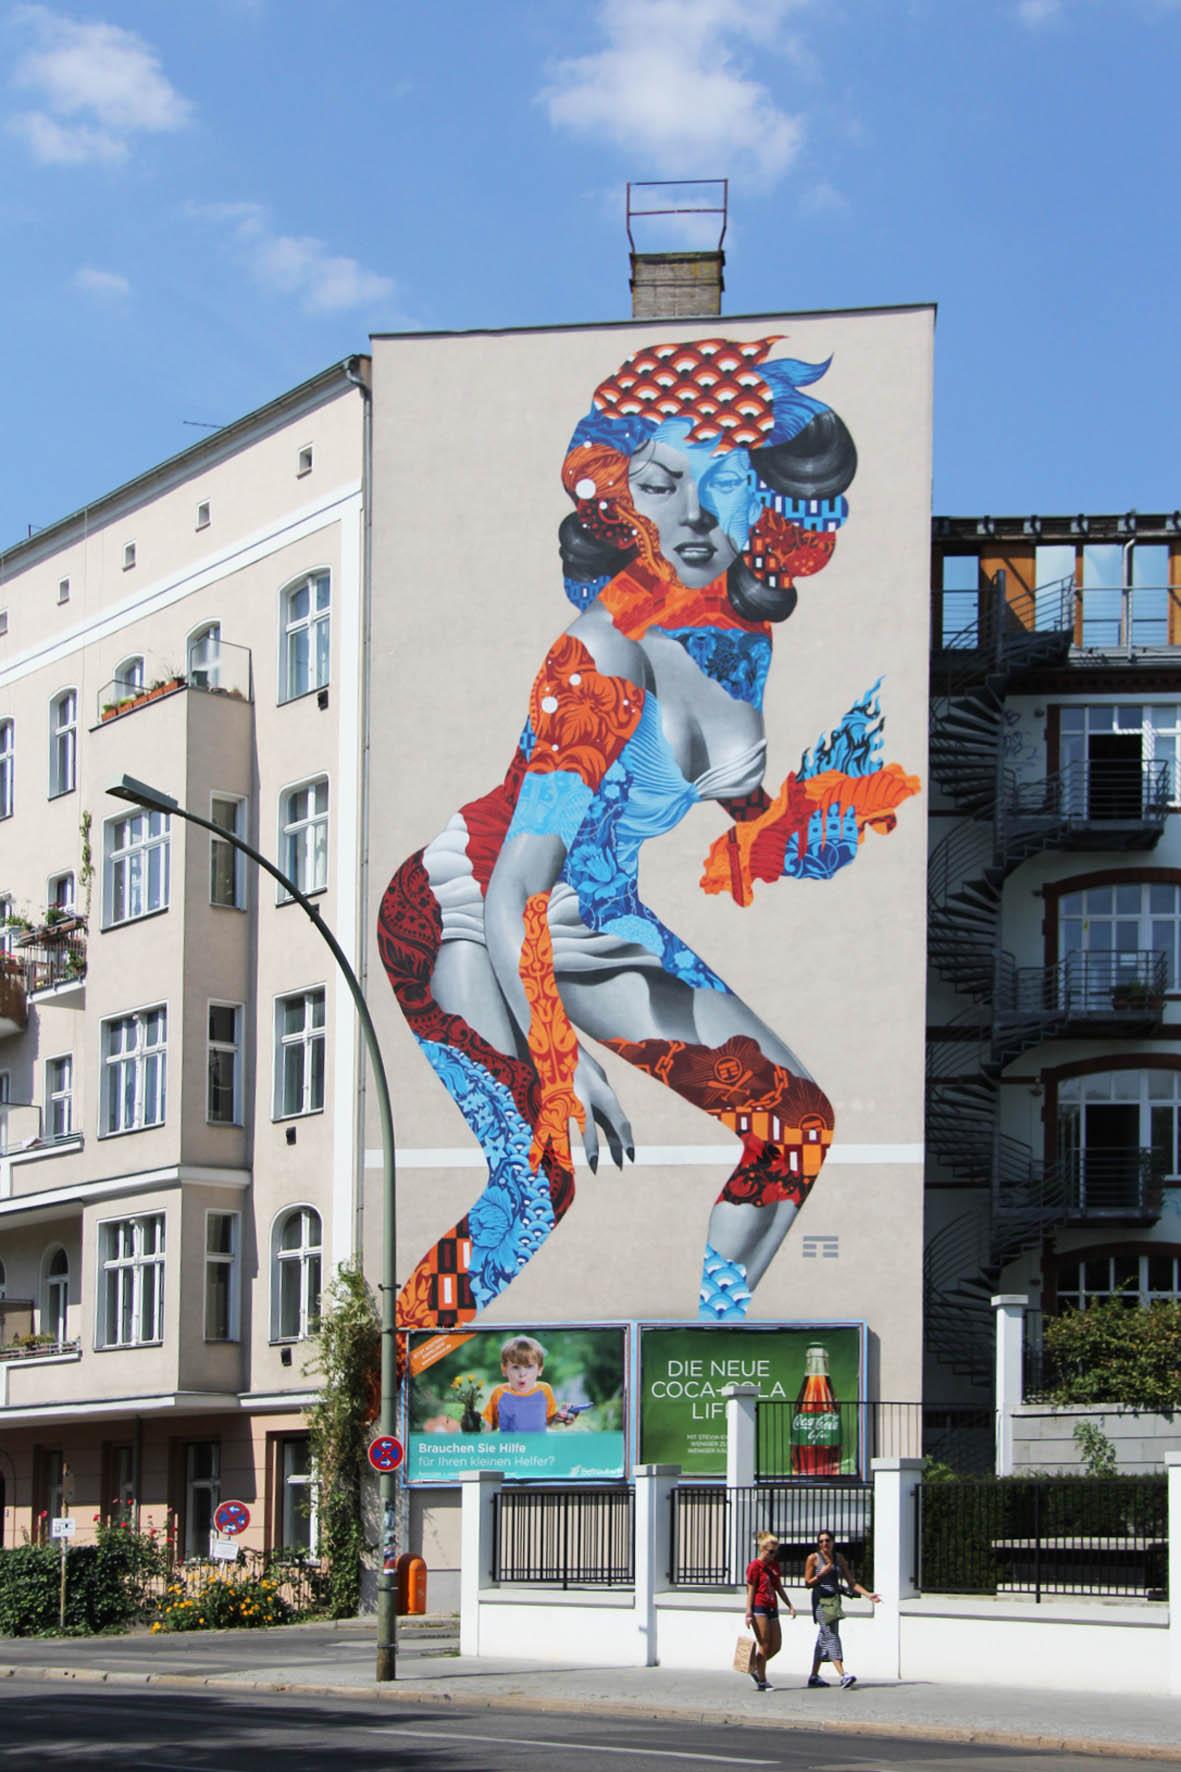 Das Street Art Mural Attack of the 50 Foot Socialite von Tristan Eaton auf einem Wohngebäude am Am Friedrichshain 33 in Berlin überragt die vorbeilaufenden Fußgänger